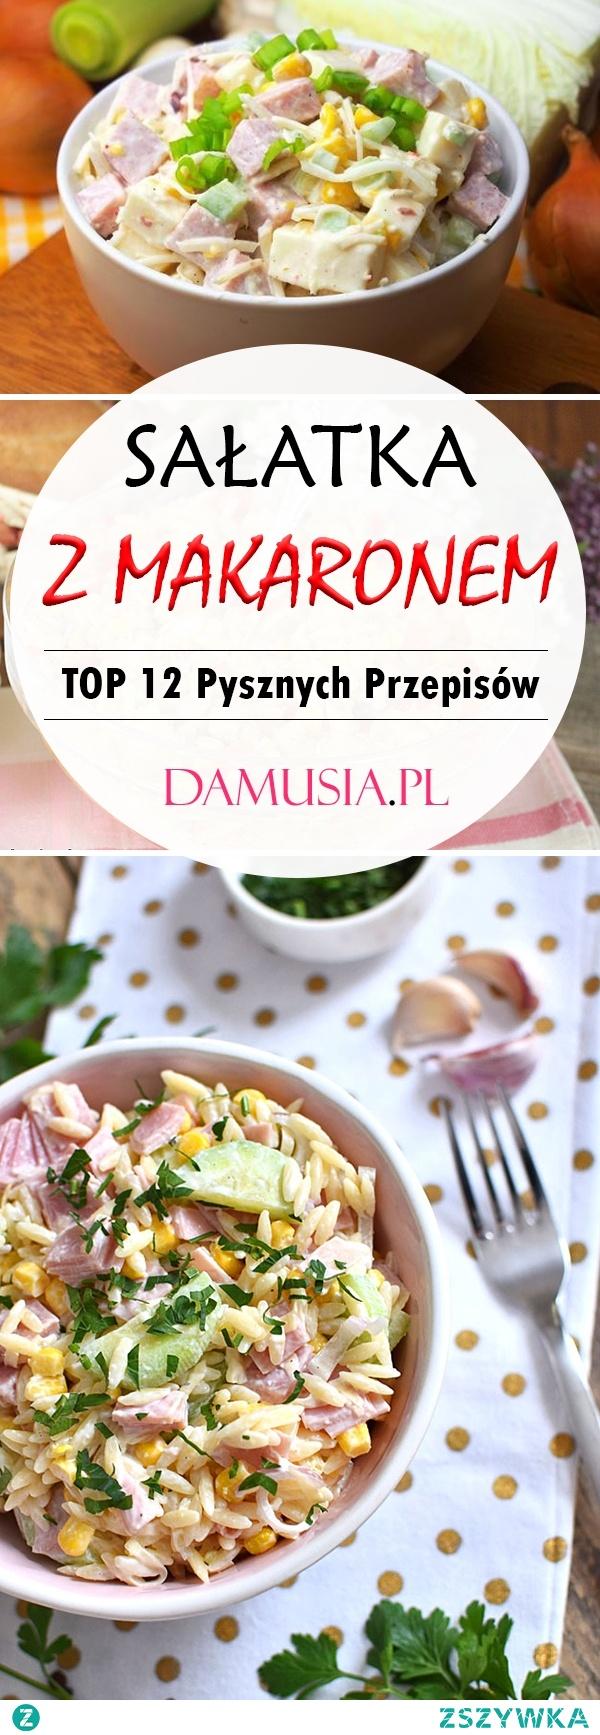 Sałatka z Makaronem – TOP 12 Pysznych Przepisów